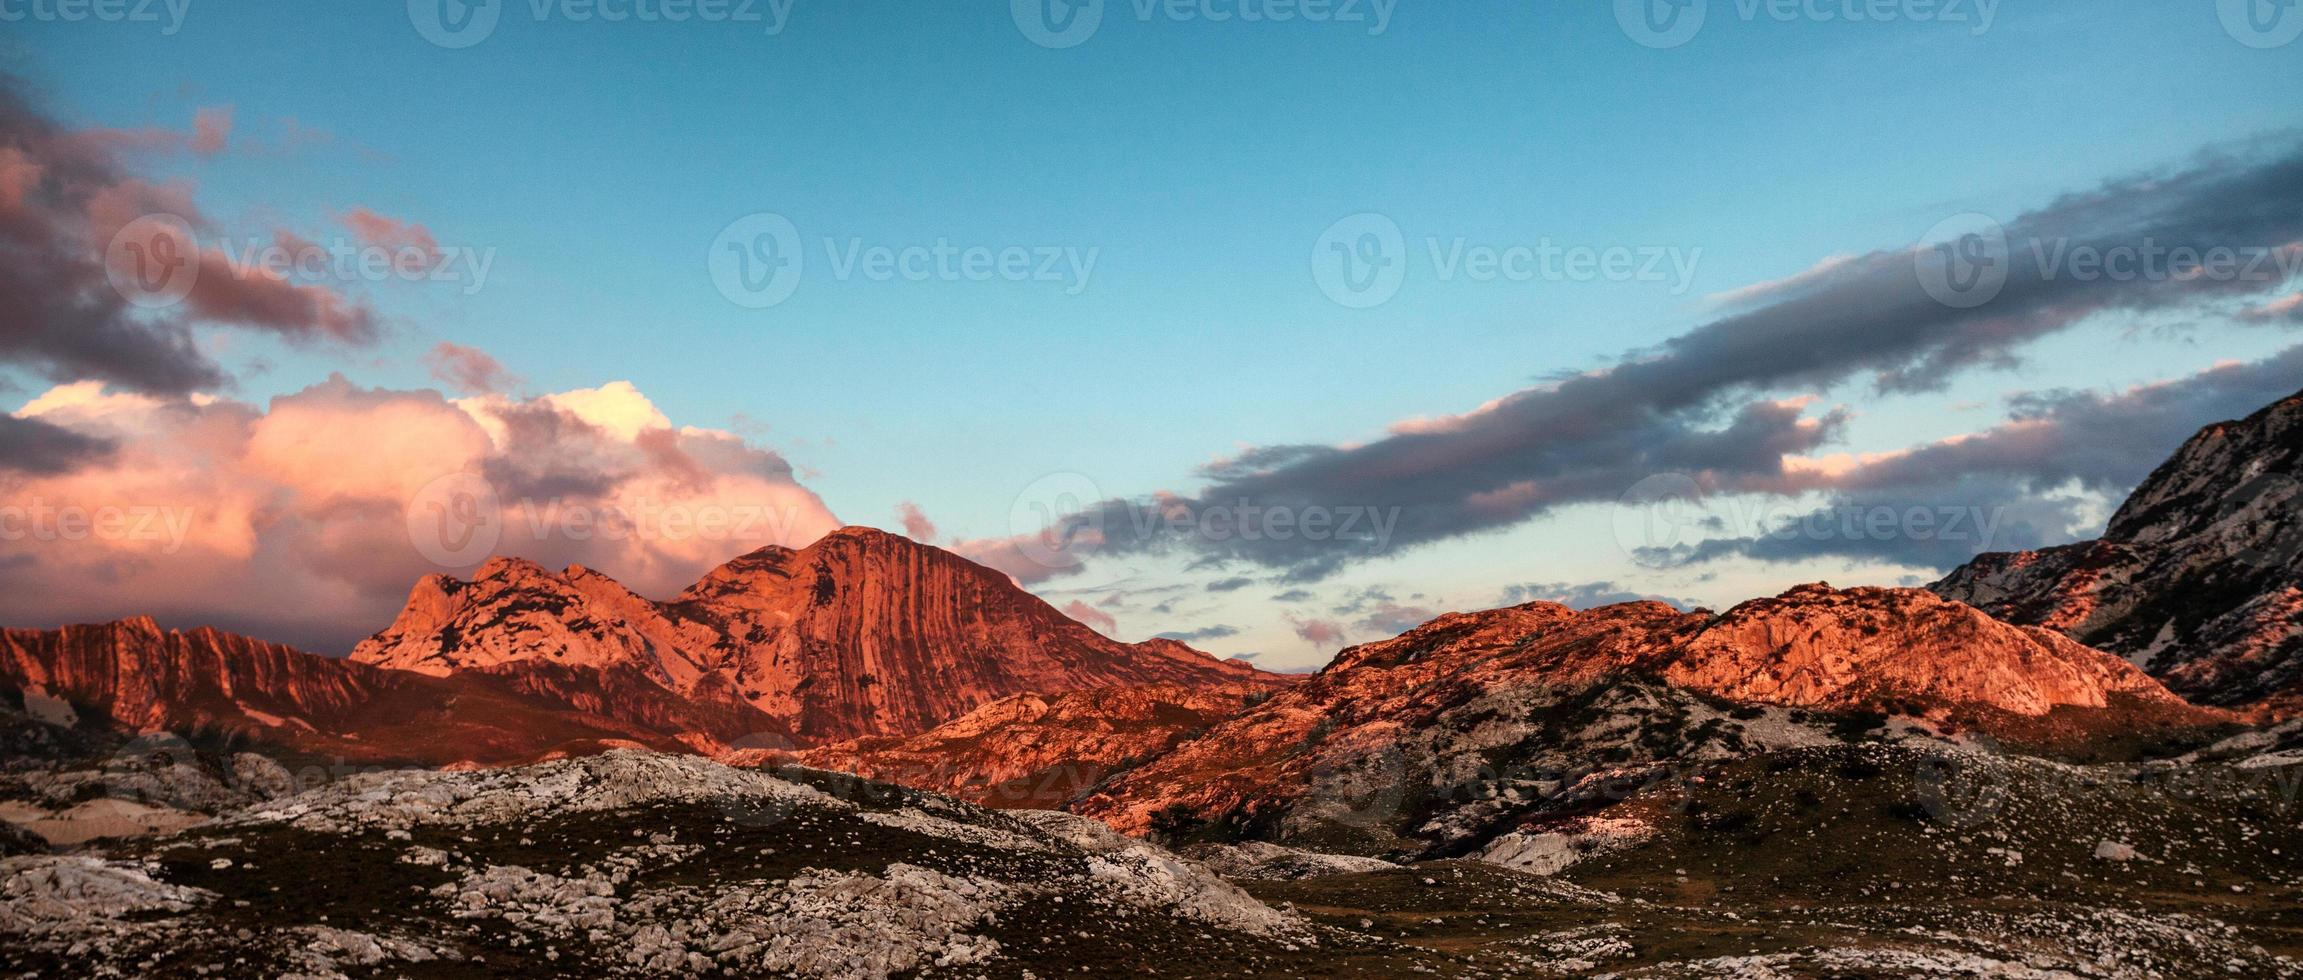 montanhas rochosas da caixa de correio de montenegro foto